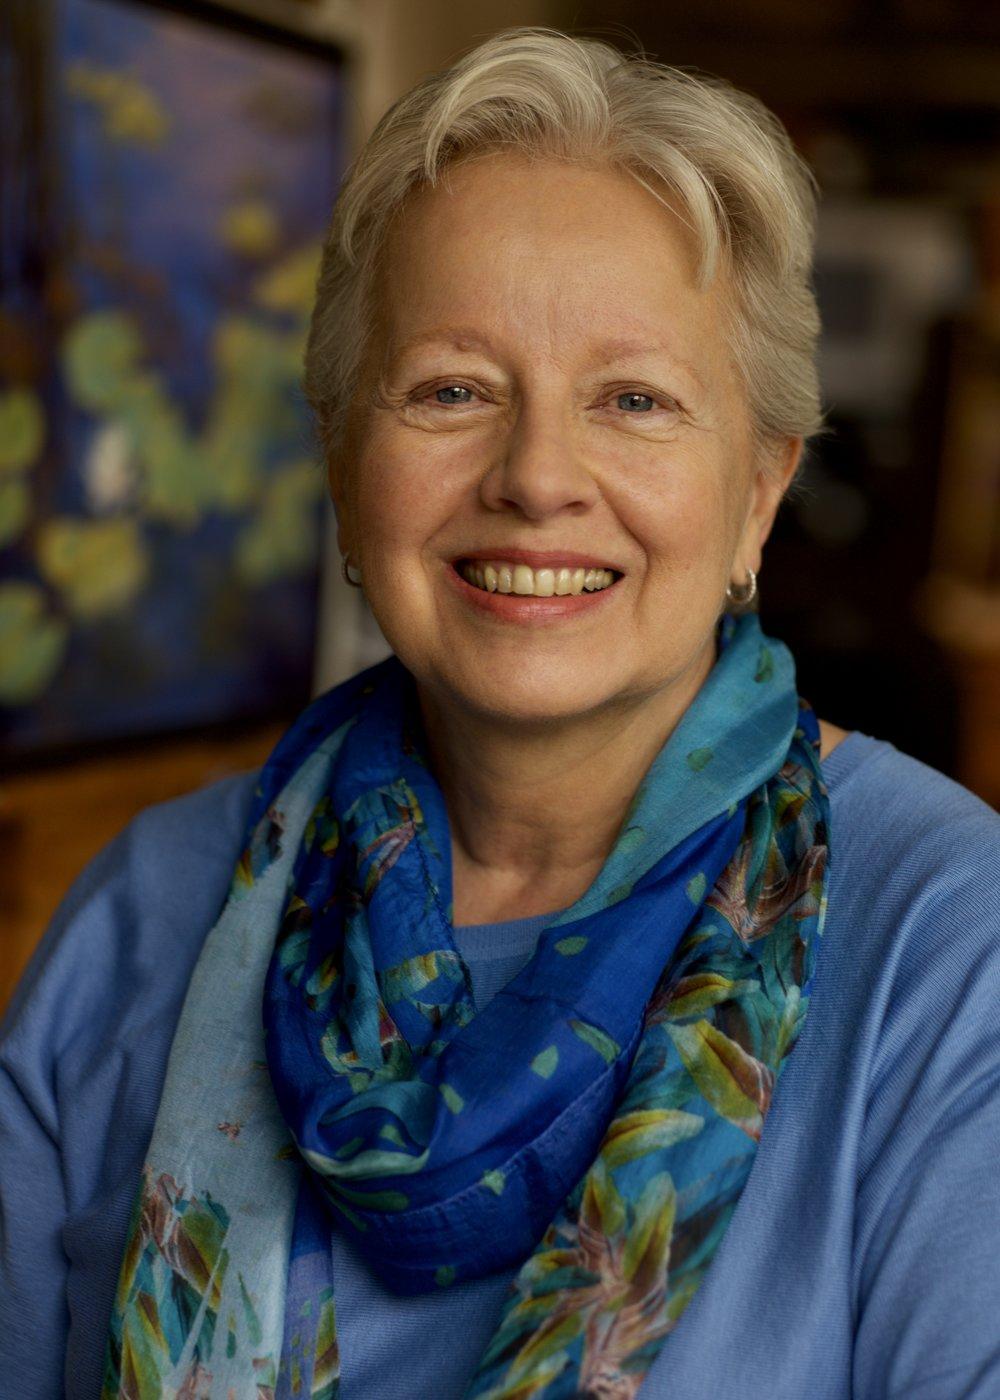 Curriculum vitae - Louise Bourgault aime dessiner depuis l'enfance. Après 25 années comme professeure en psychopédagogie à l'Université de Montréal, et chef d'une entreprise de recherche clinique à Sherbrooke, elle est revenue à sa passion première, l'art, depuis 2007. Étudiant d'abord dans la région à l'UTA de l'Université de Sherbrooke et au Collège Champlain, entre autres, elle a, de 2011 à 2016, assidûment fréquenté le Centre des arts visuels de Montréal, cumulant auprès du Centre plus de 1000 heures de formation artistique classique, en dessin, modèle vivant, nature morte, paysage, le tout tant à l'aquarelle et au fusain qu'à la peinture à l'huile (alla prima et par glacis). Des artistes réputés comme Marigold Santos, Elisabeth Galante, Josée Duclos, Dominique Gendron, Robert Wiseman ont profondément influencé son développement artistique. Elle a également suivi plus de 420 heures d'atelier de peinture classique à l'huile auprès de Ian Shattila (Ian Shattila's Studio à Montréal).Elle est en voie de terminer un Baccalauréat en arts visuels à l'Université Bishop's. Depuis 4 ans, elle a participé à plusieurs stages de peinture en plein air à l'étranger, tant à l'huile, avec Ian Roberts (en composition, à l'huile) et Julian Merrow Smith (en paysage et nature morte, à l'huile), qu'au pastel sec, avec Richard McKinley (Maître pastelliste), Jeanne Rosier Smith et Stan Sperlak. Depuis 3 ans, elle développe une histoire d'amour avec le pastel, médium flexible et subtil qui lui permet d'intégrer à l'occasion l'aquarelle et la peinture à l'huile en sous-couche ce qui donne des effets lumineux particulièrement séduisants. Elle est membre du Conseil d'administration du Comité d'action culturelle de Magog. Elle est également membre de la PSEC (Pastel Society of Eastern Canada) et du PAC (Pastel Artists Canada).Elle a participé à plusieurs expositions collectives, entre autres aux Expositions des étudiants du Centre des arts visuels de Montréal de 2012 à 2015. En 2017, deux d